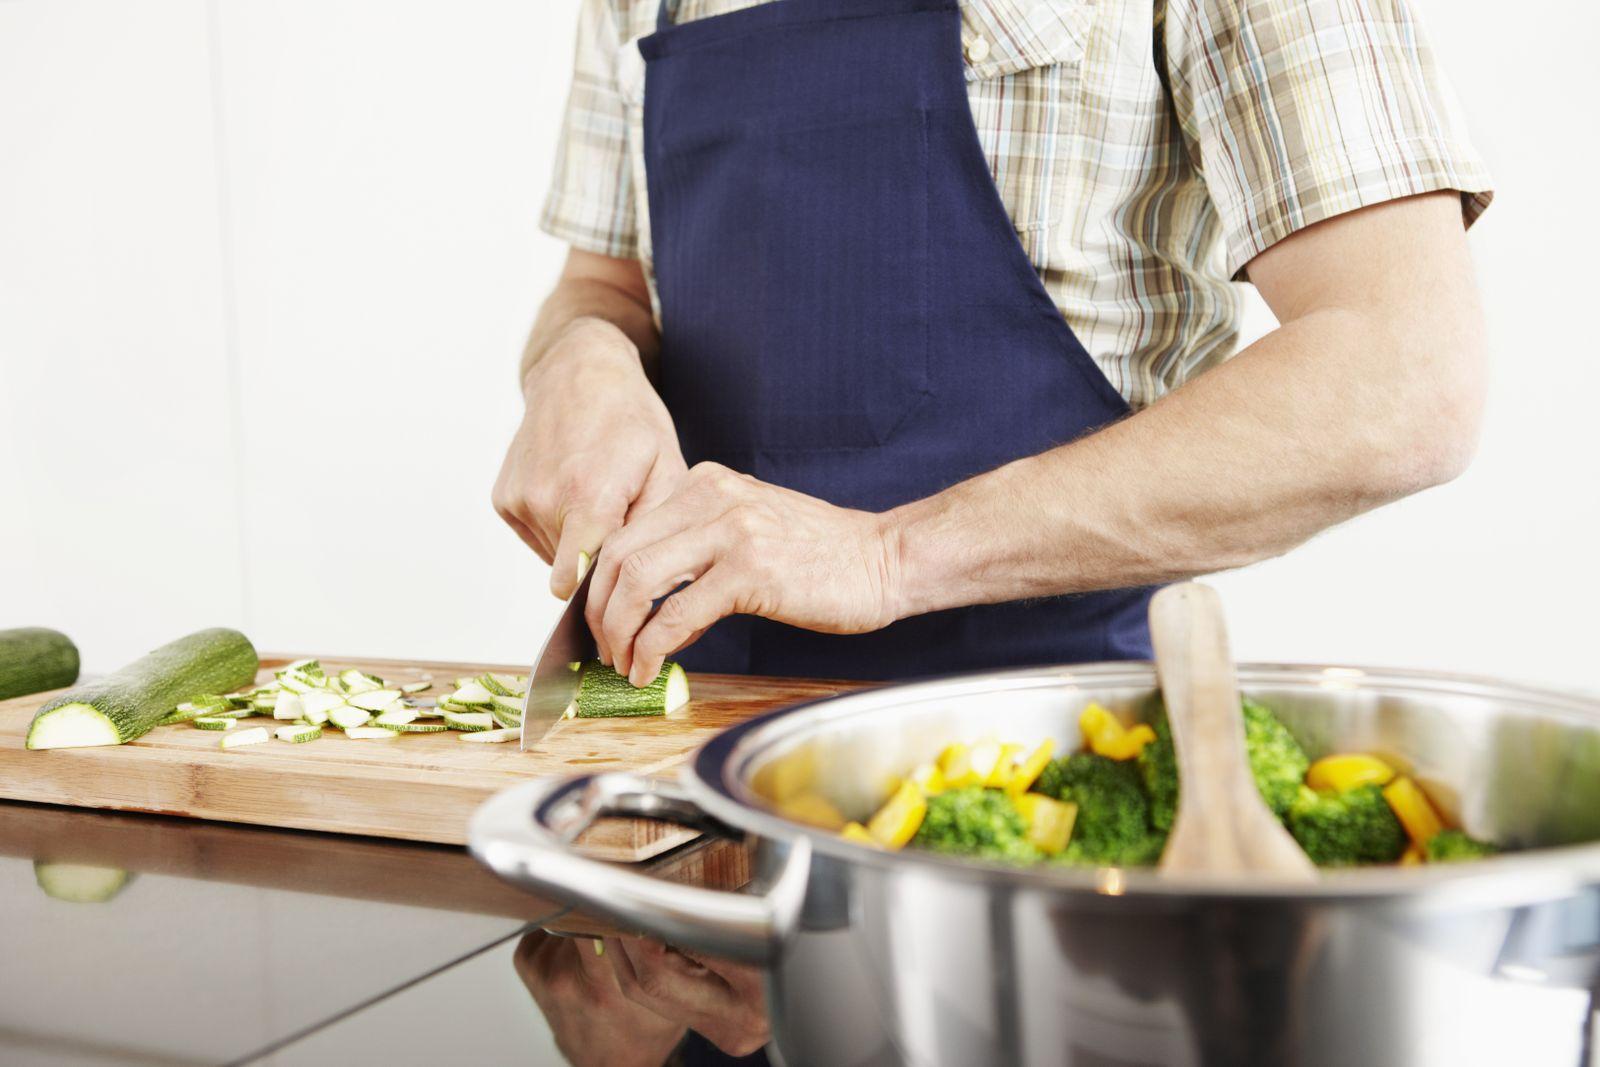 NICHT MEHR VERWENDEN! - Kochen / Gemüse / Koch / Haushalt